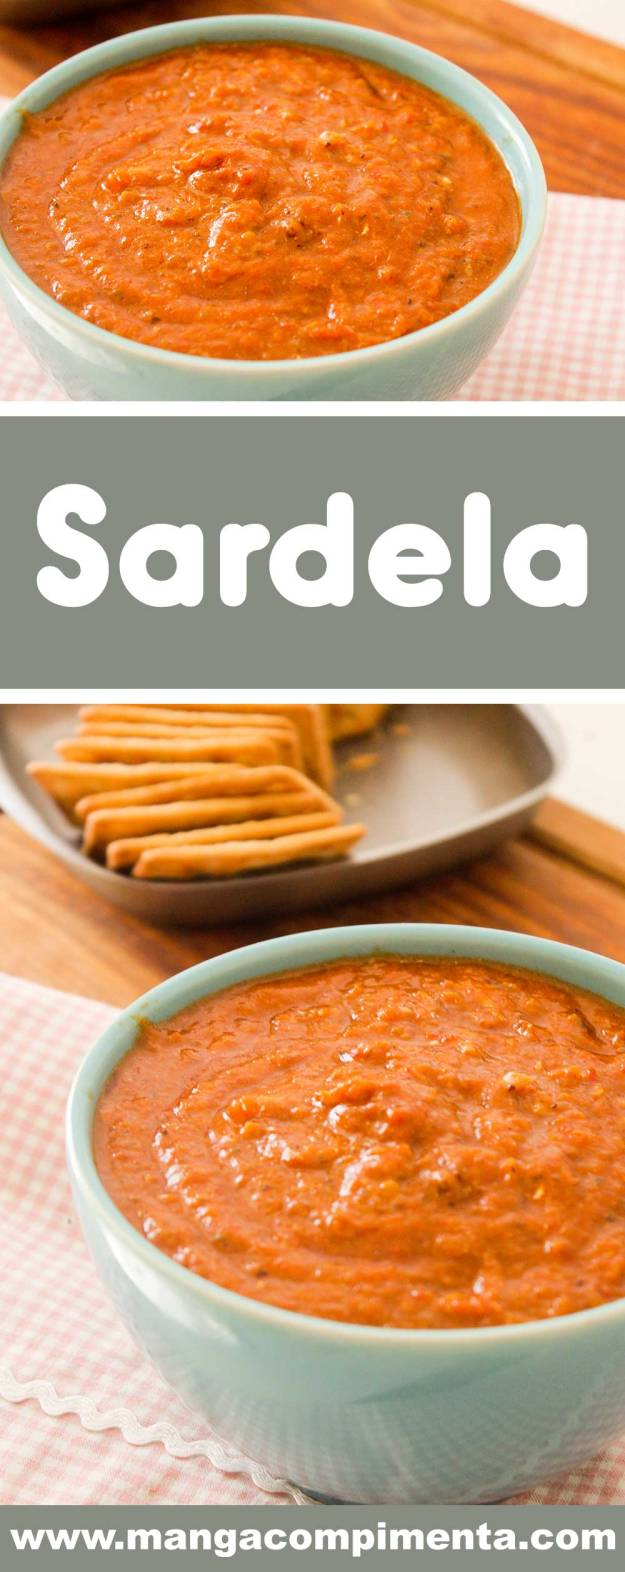 Receita de Sardela - um prato italiano para comer com pão, um lanche especial!